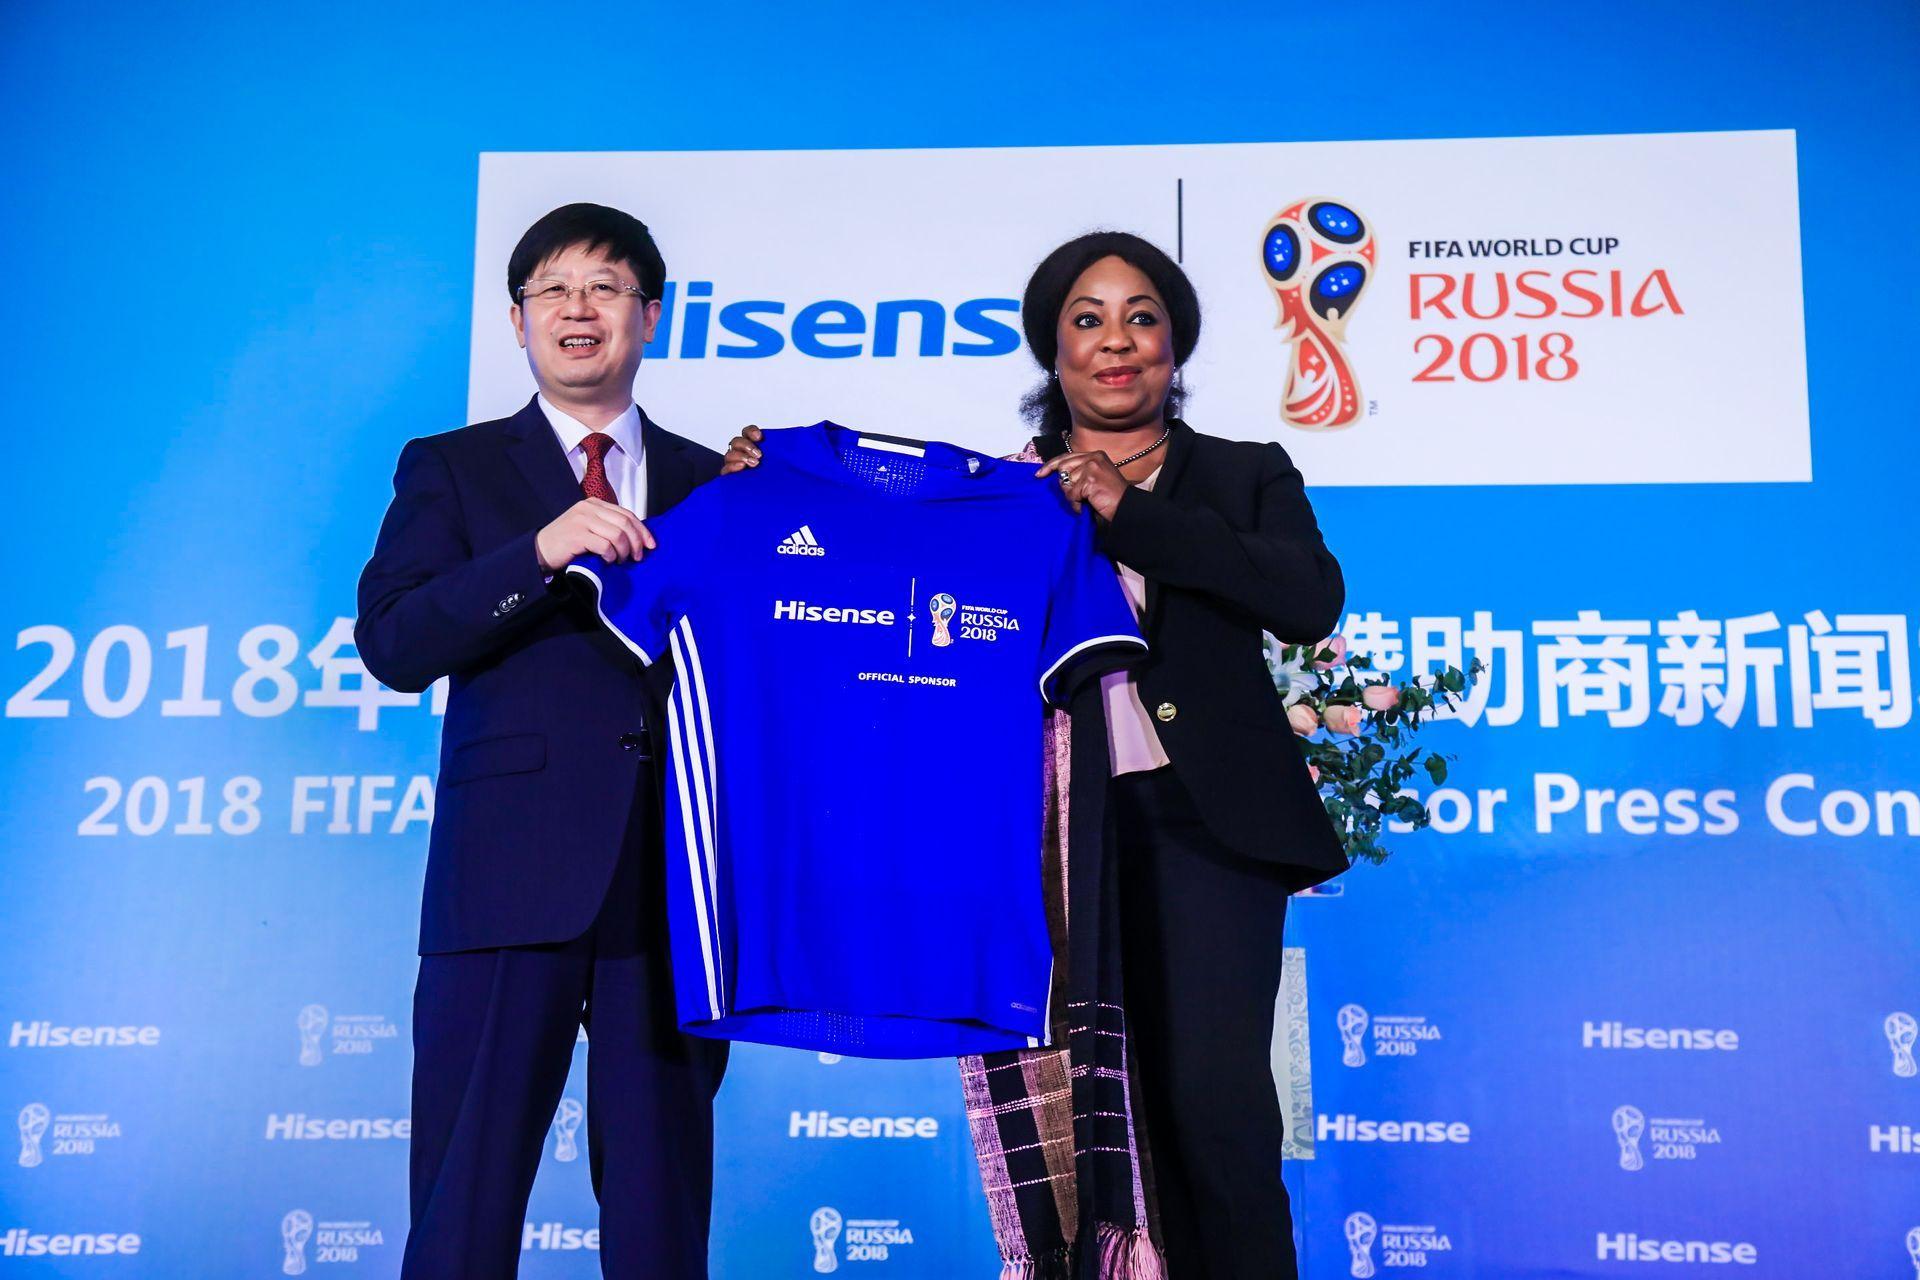 海信成2018年世界杯赞助商